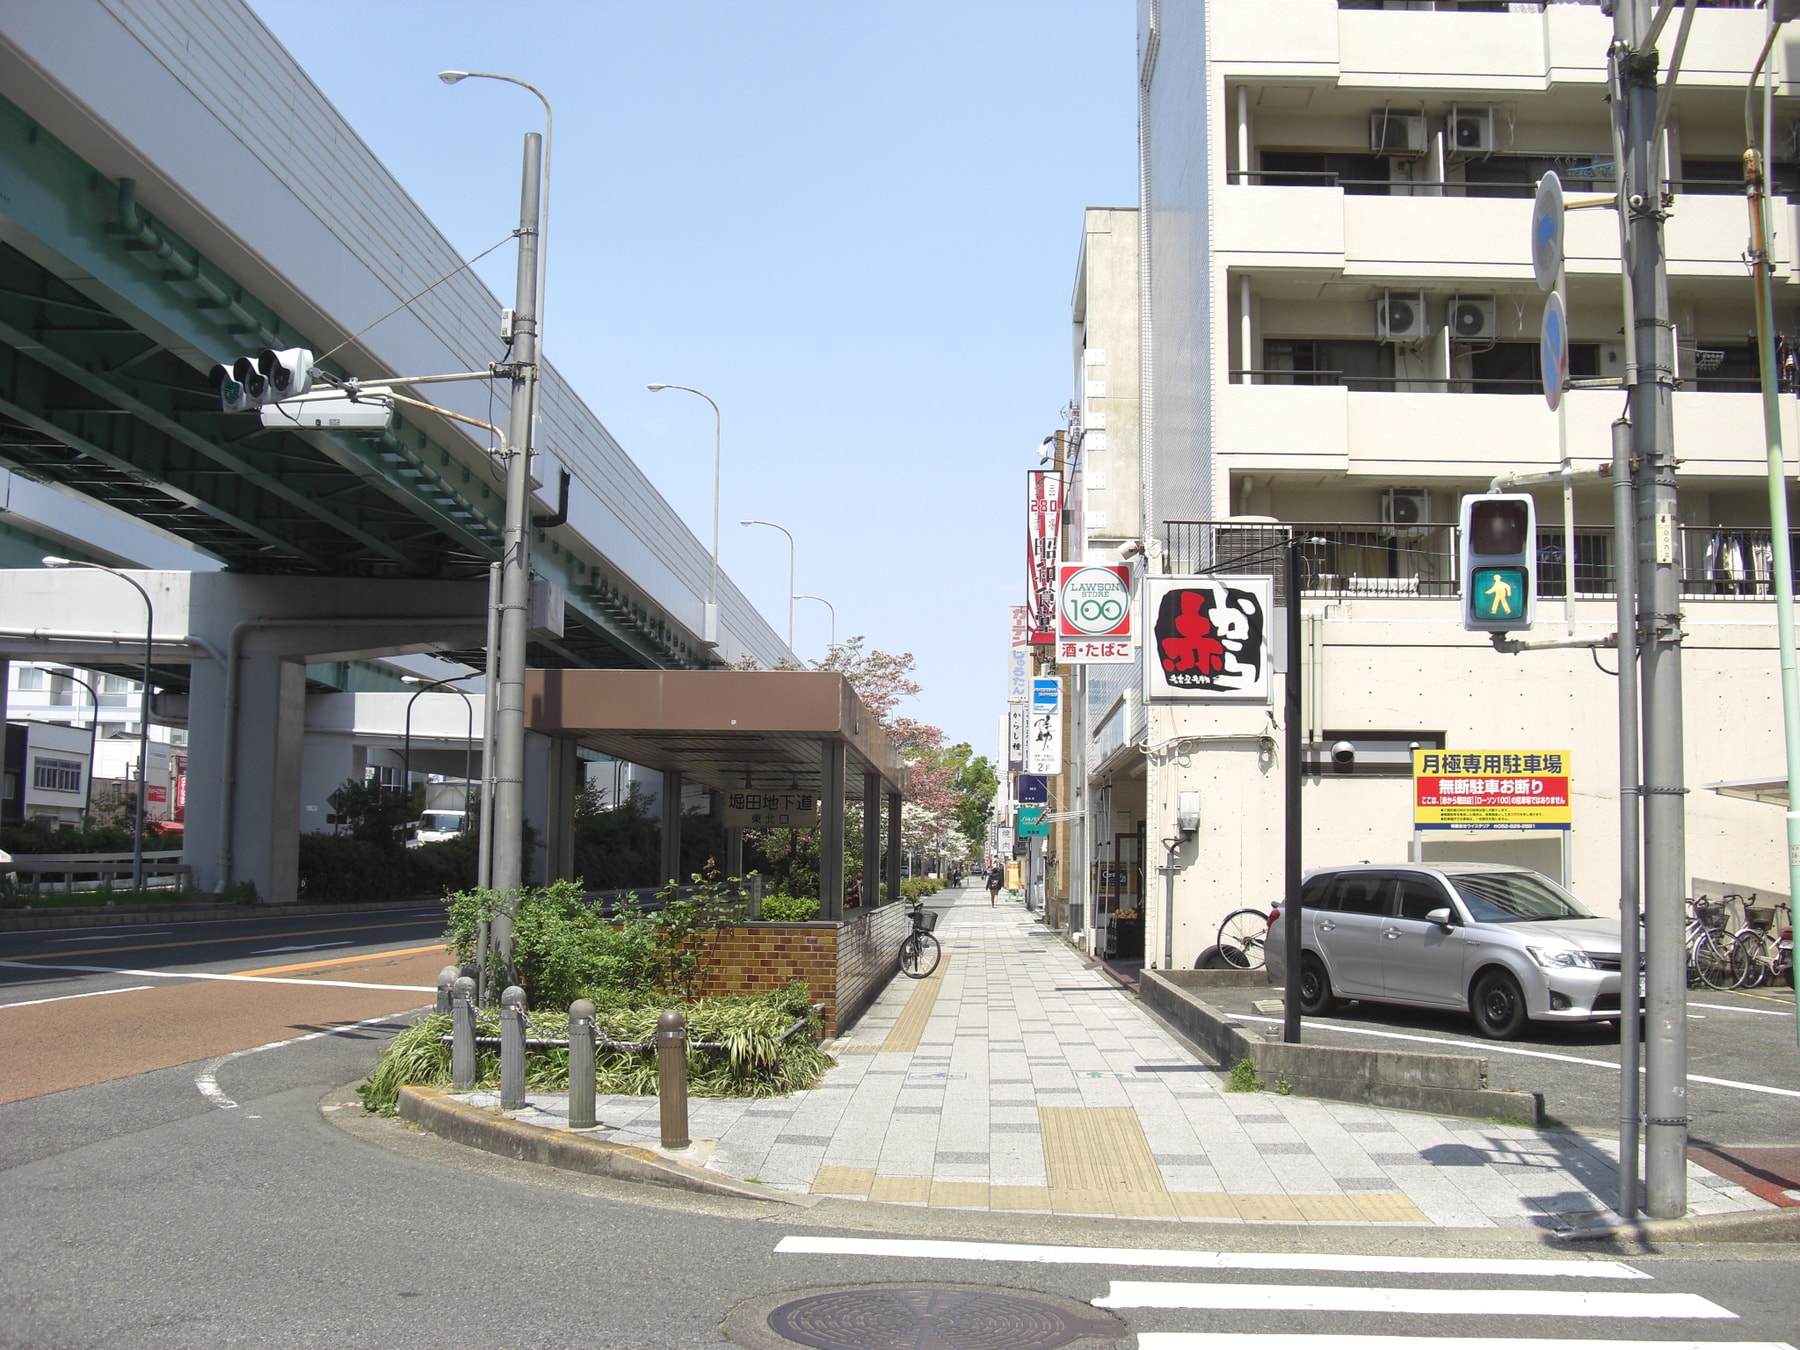 昭和食堂さんを越えて、駐車場をはさみ次の3軒続きのビルが当塾が入っている建物です。